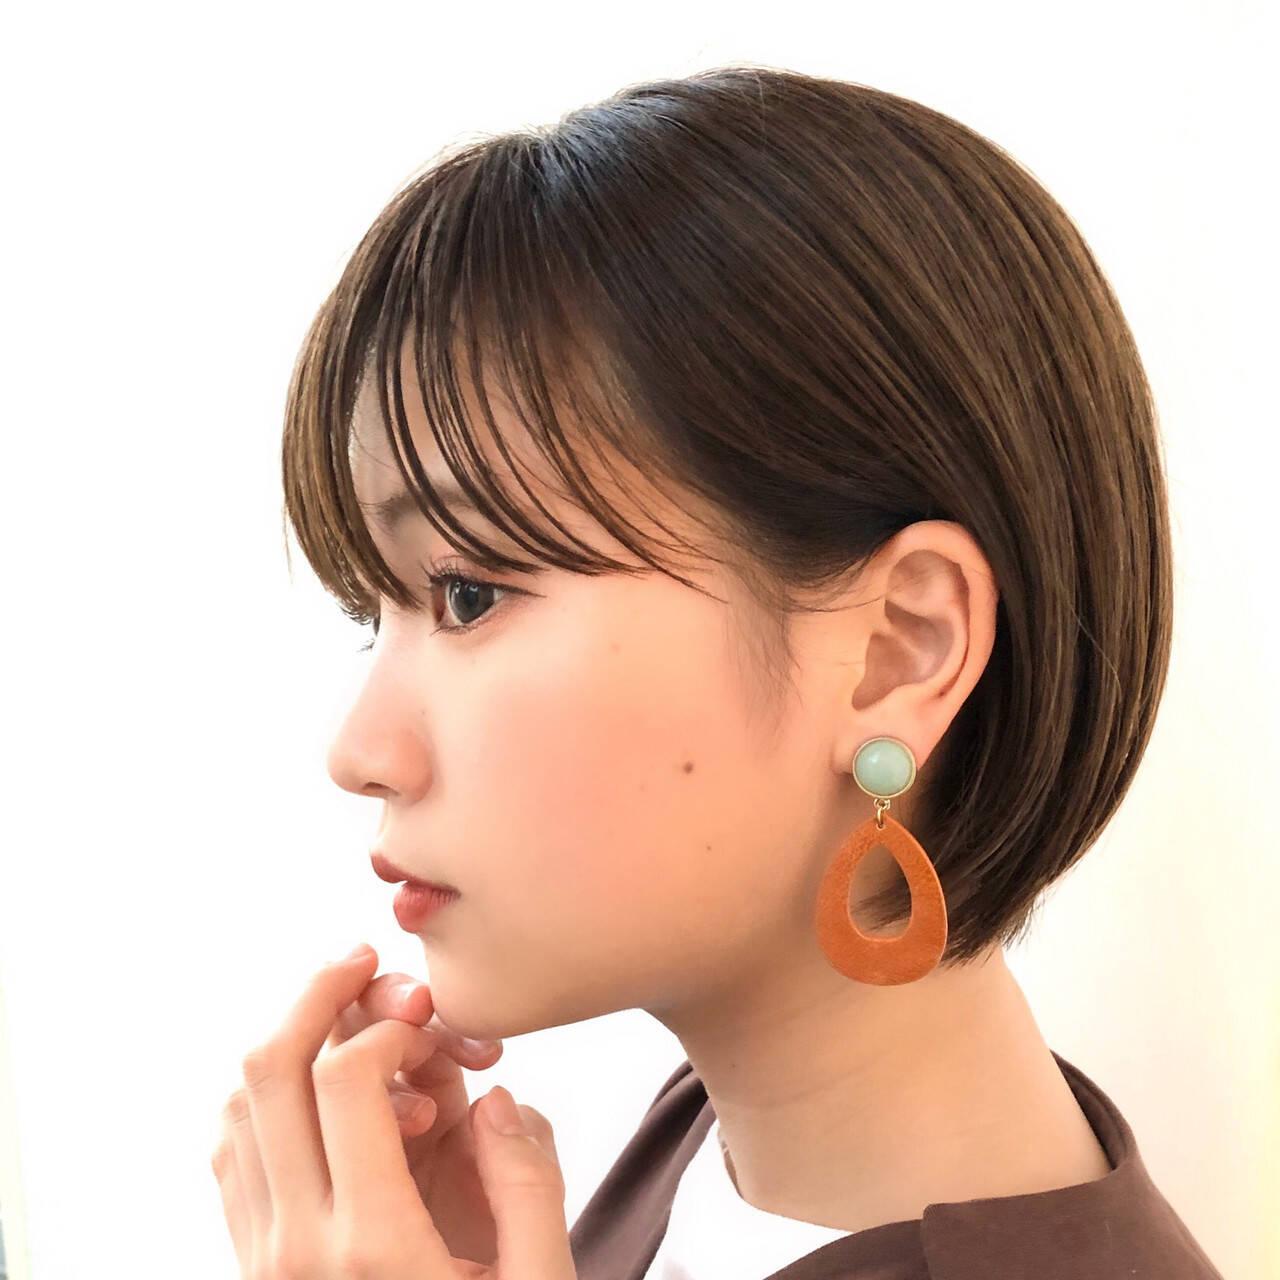 透明感カラー ショート 大人かわいい ショートボブヘアスタイルや髪型の写真・画像